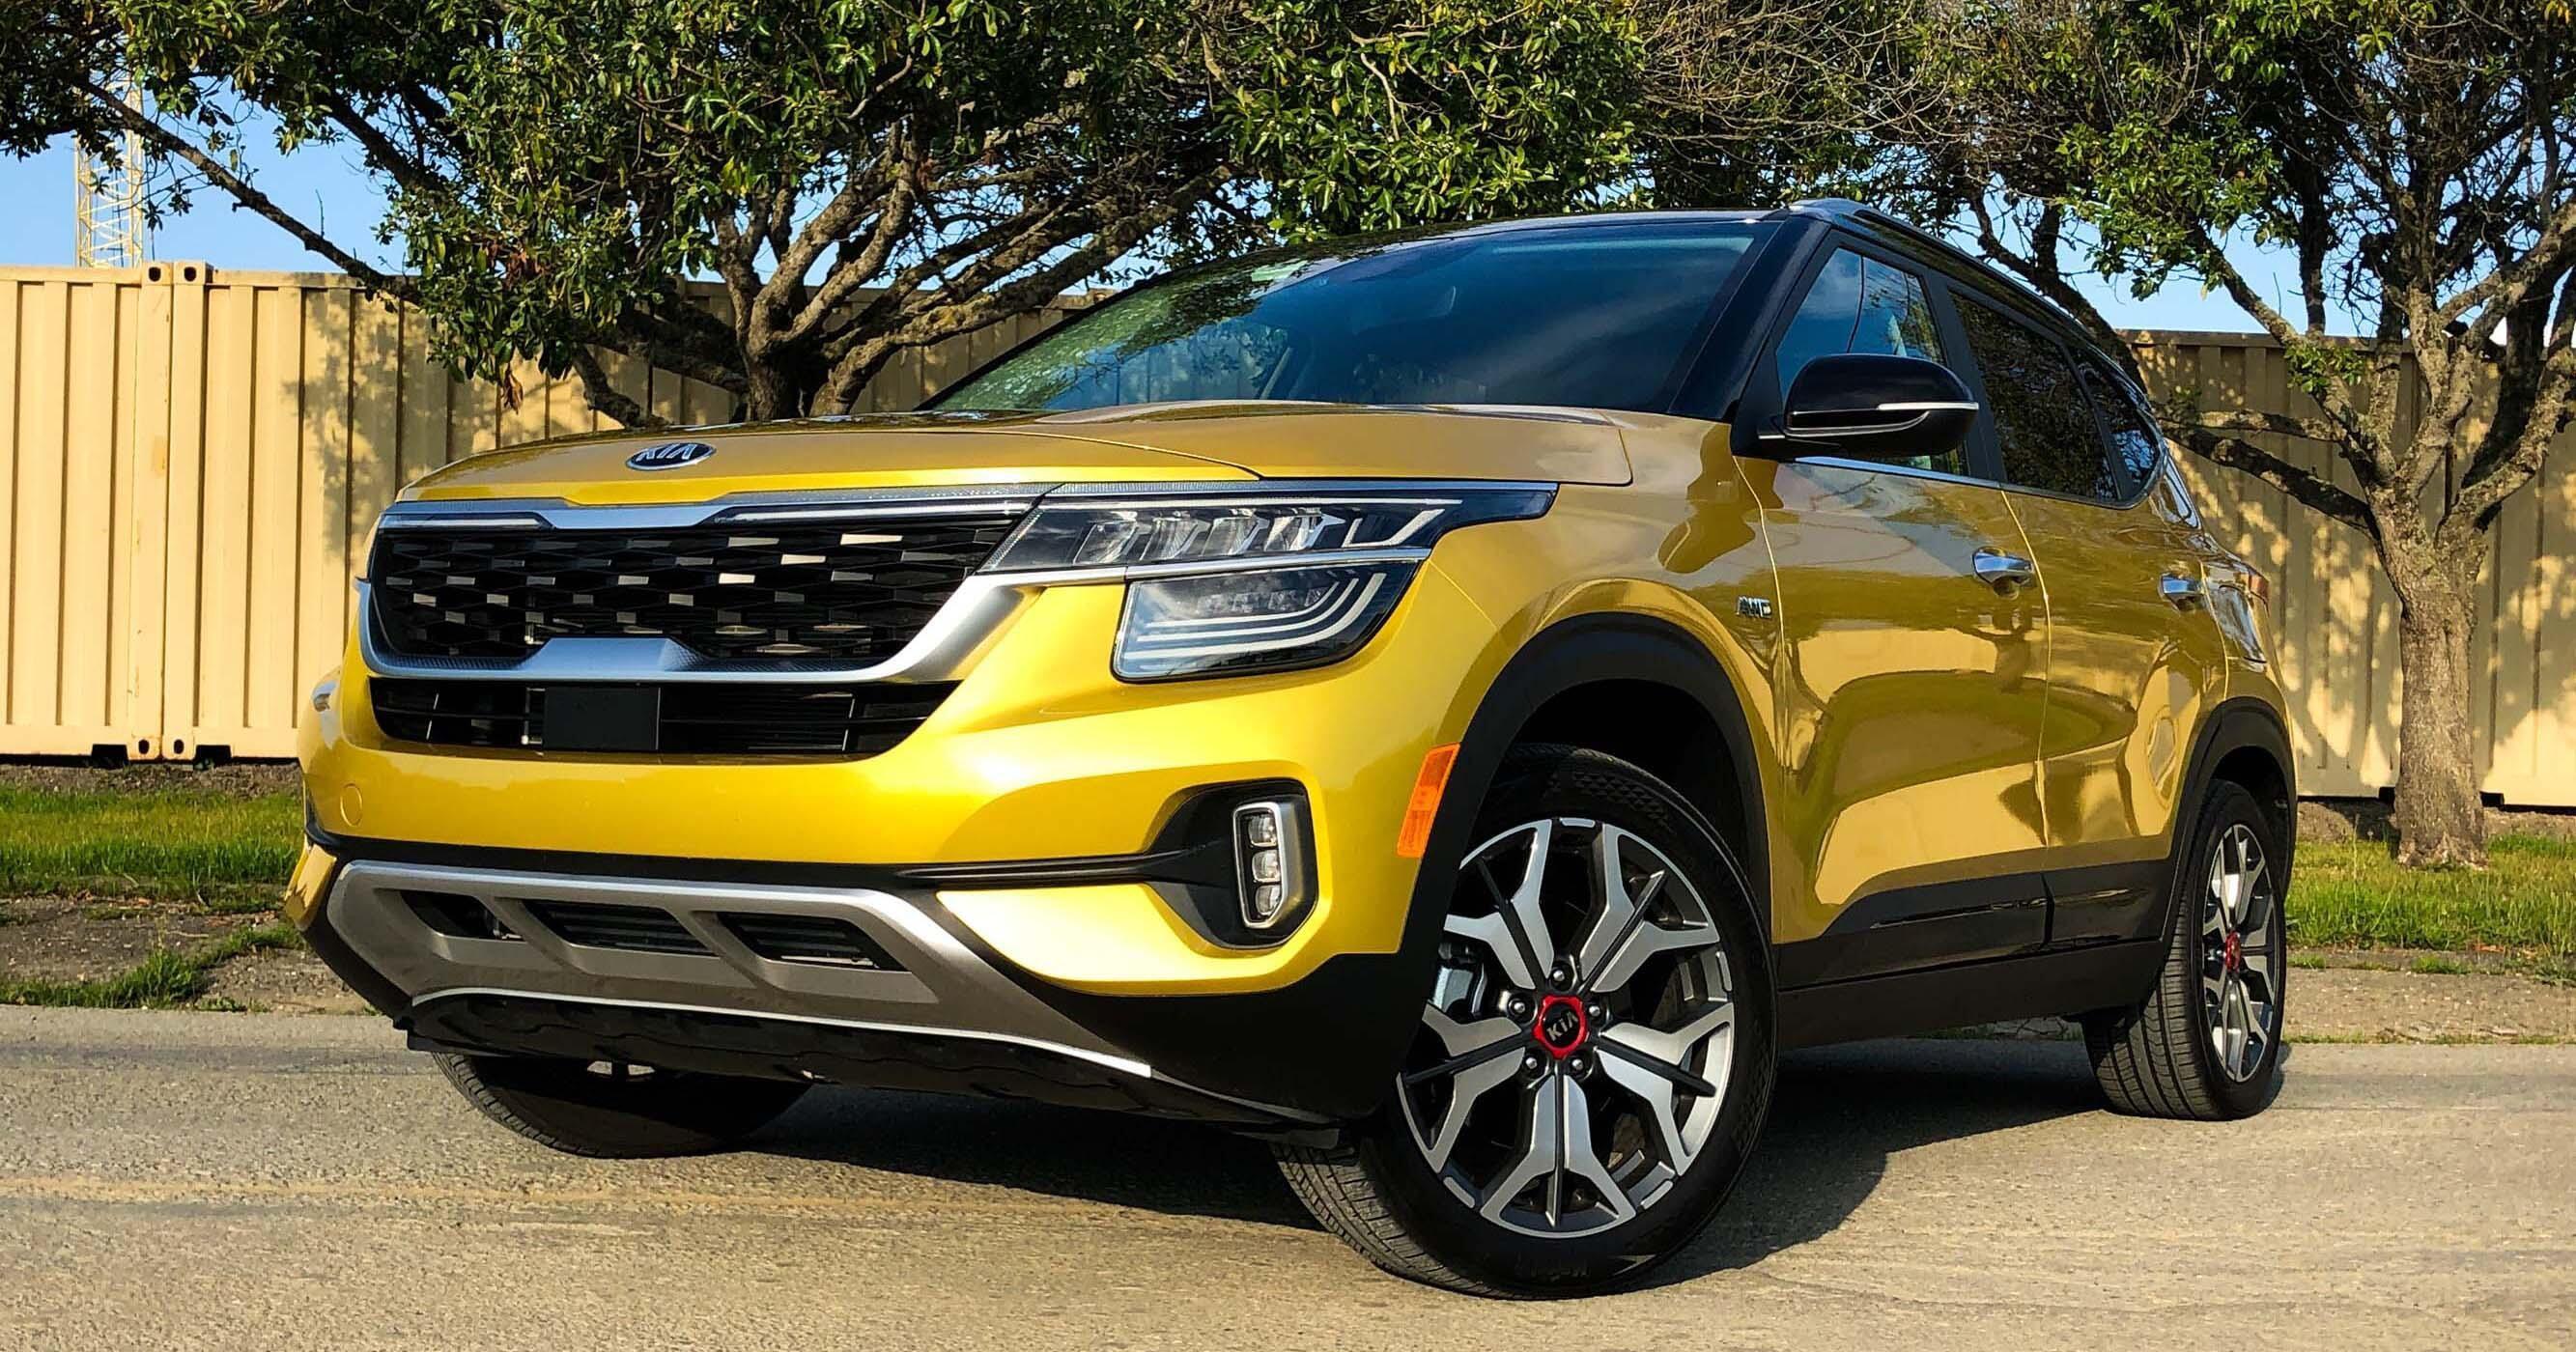 2021 Kia Seltos Review Entry Level Goodness Kia Jeep Renegade Trailhawk Fuel Economy